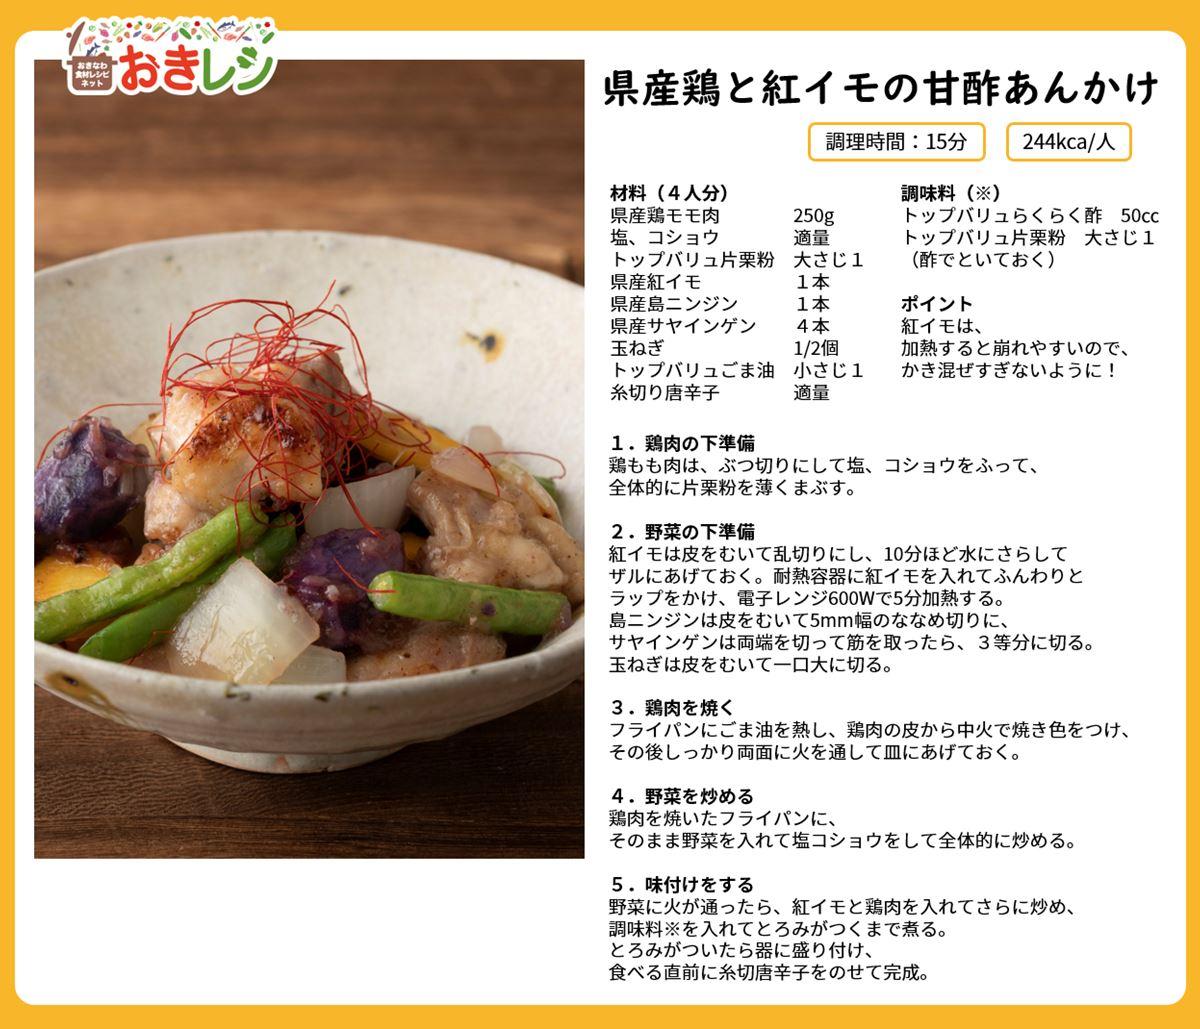 県産鶏と紅イモの甘酢あんかけ